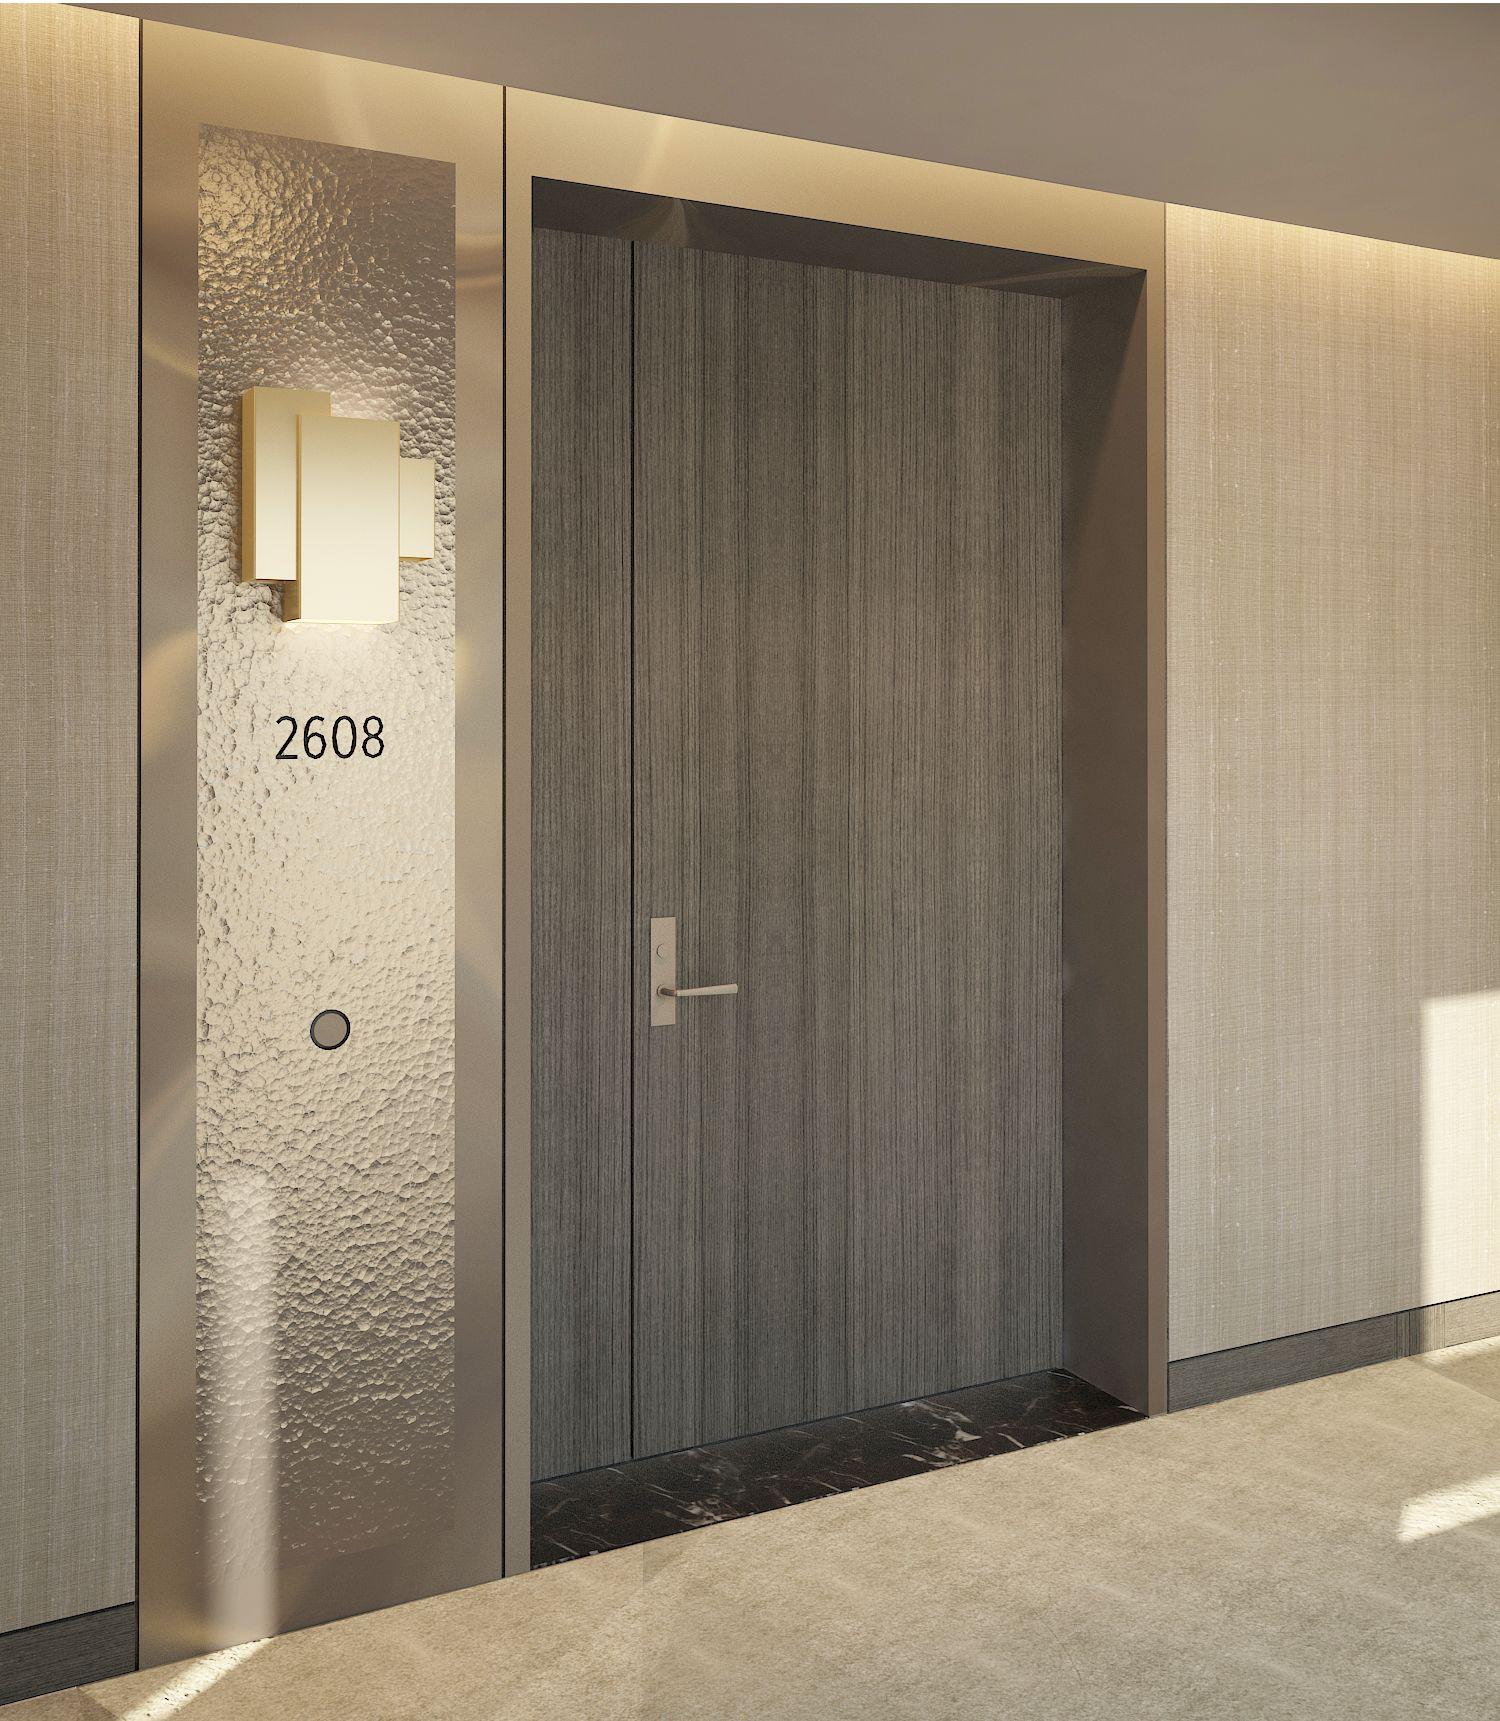 Corridor Condominium Interior Condominium Interior Design Lobby Interior Design